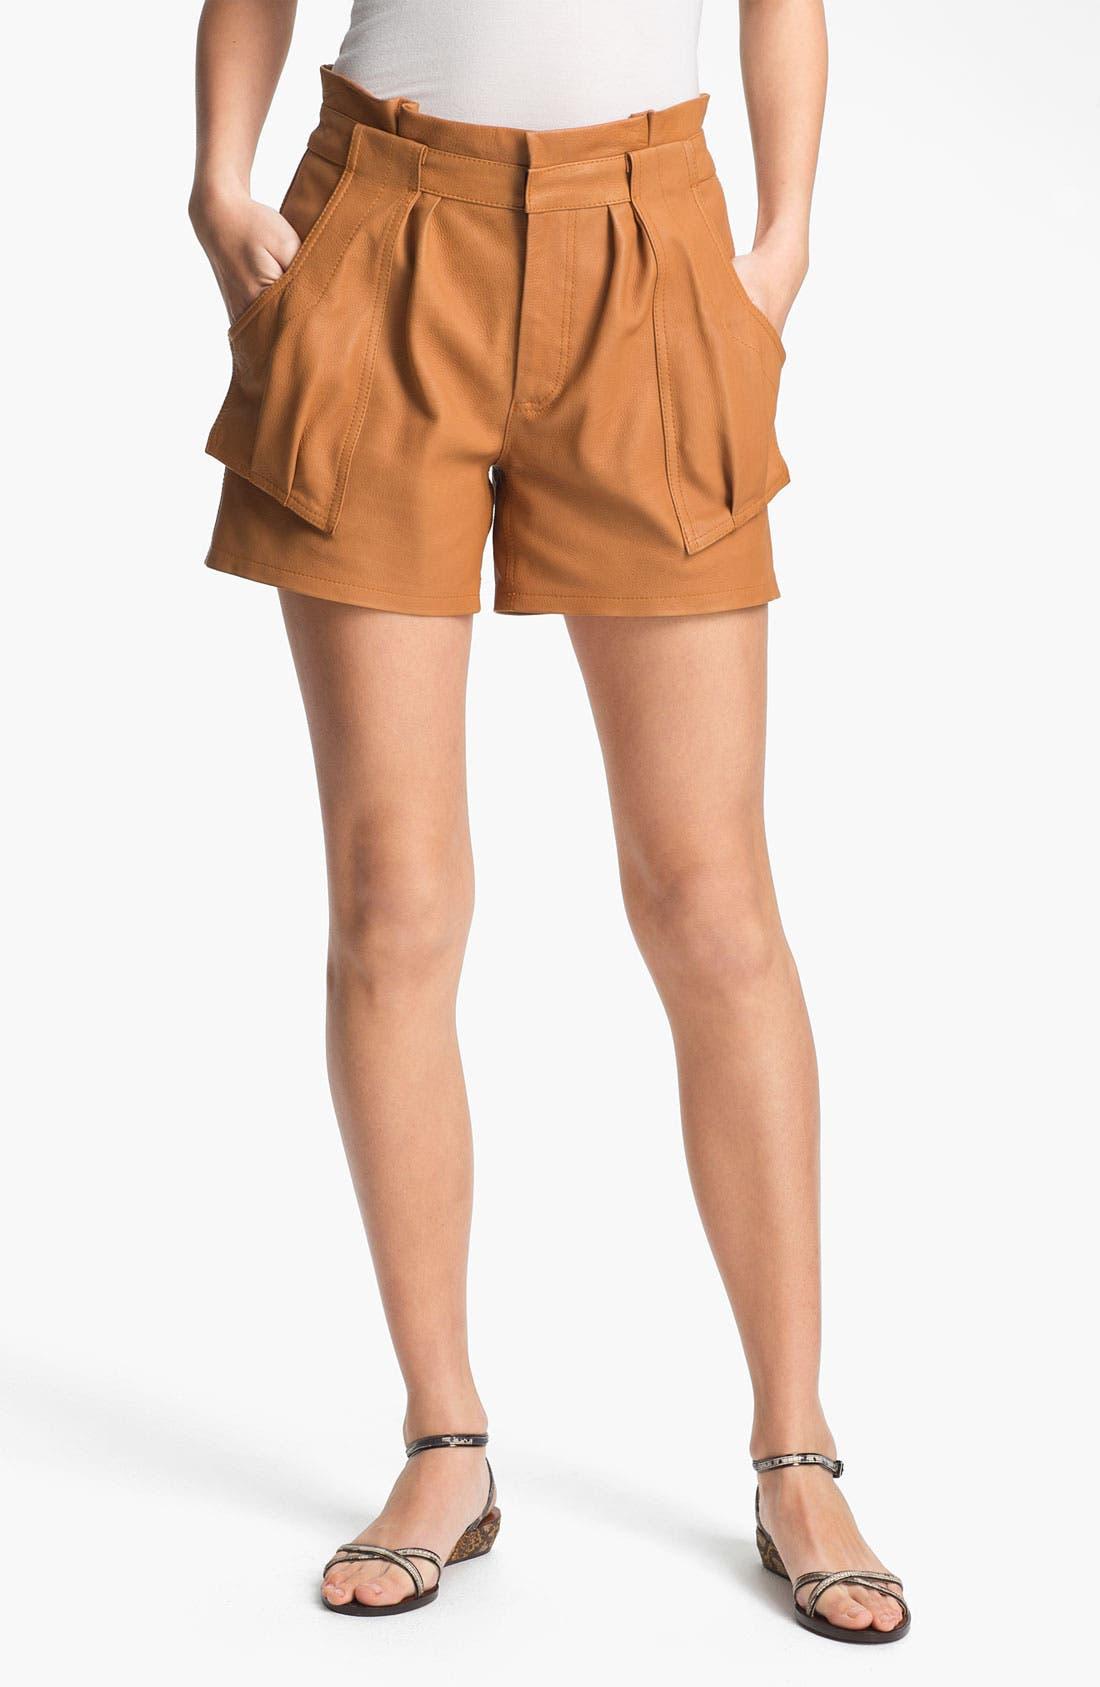 Main Image - A.L.C. 'Cash' Leather Shorts